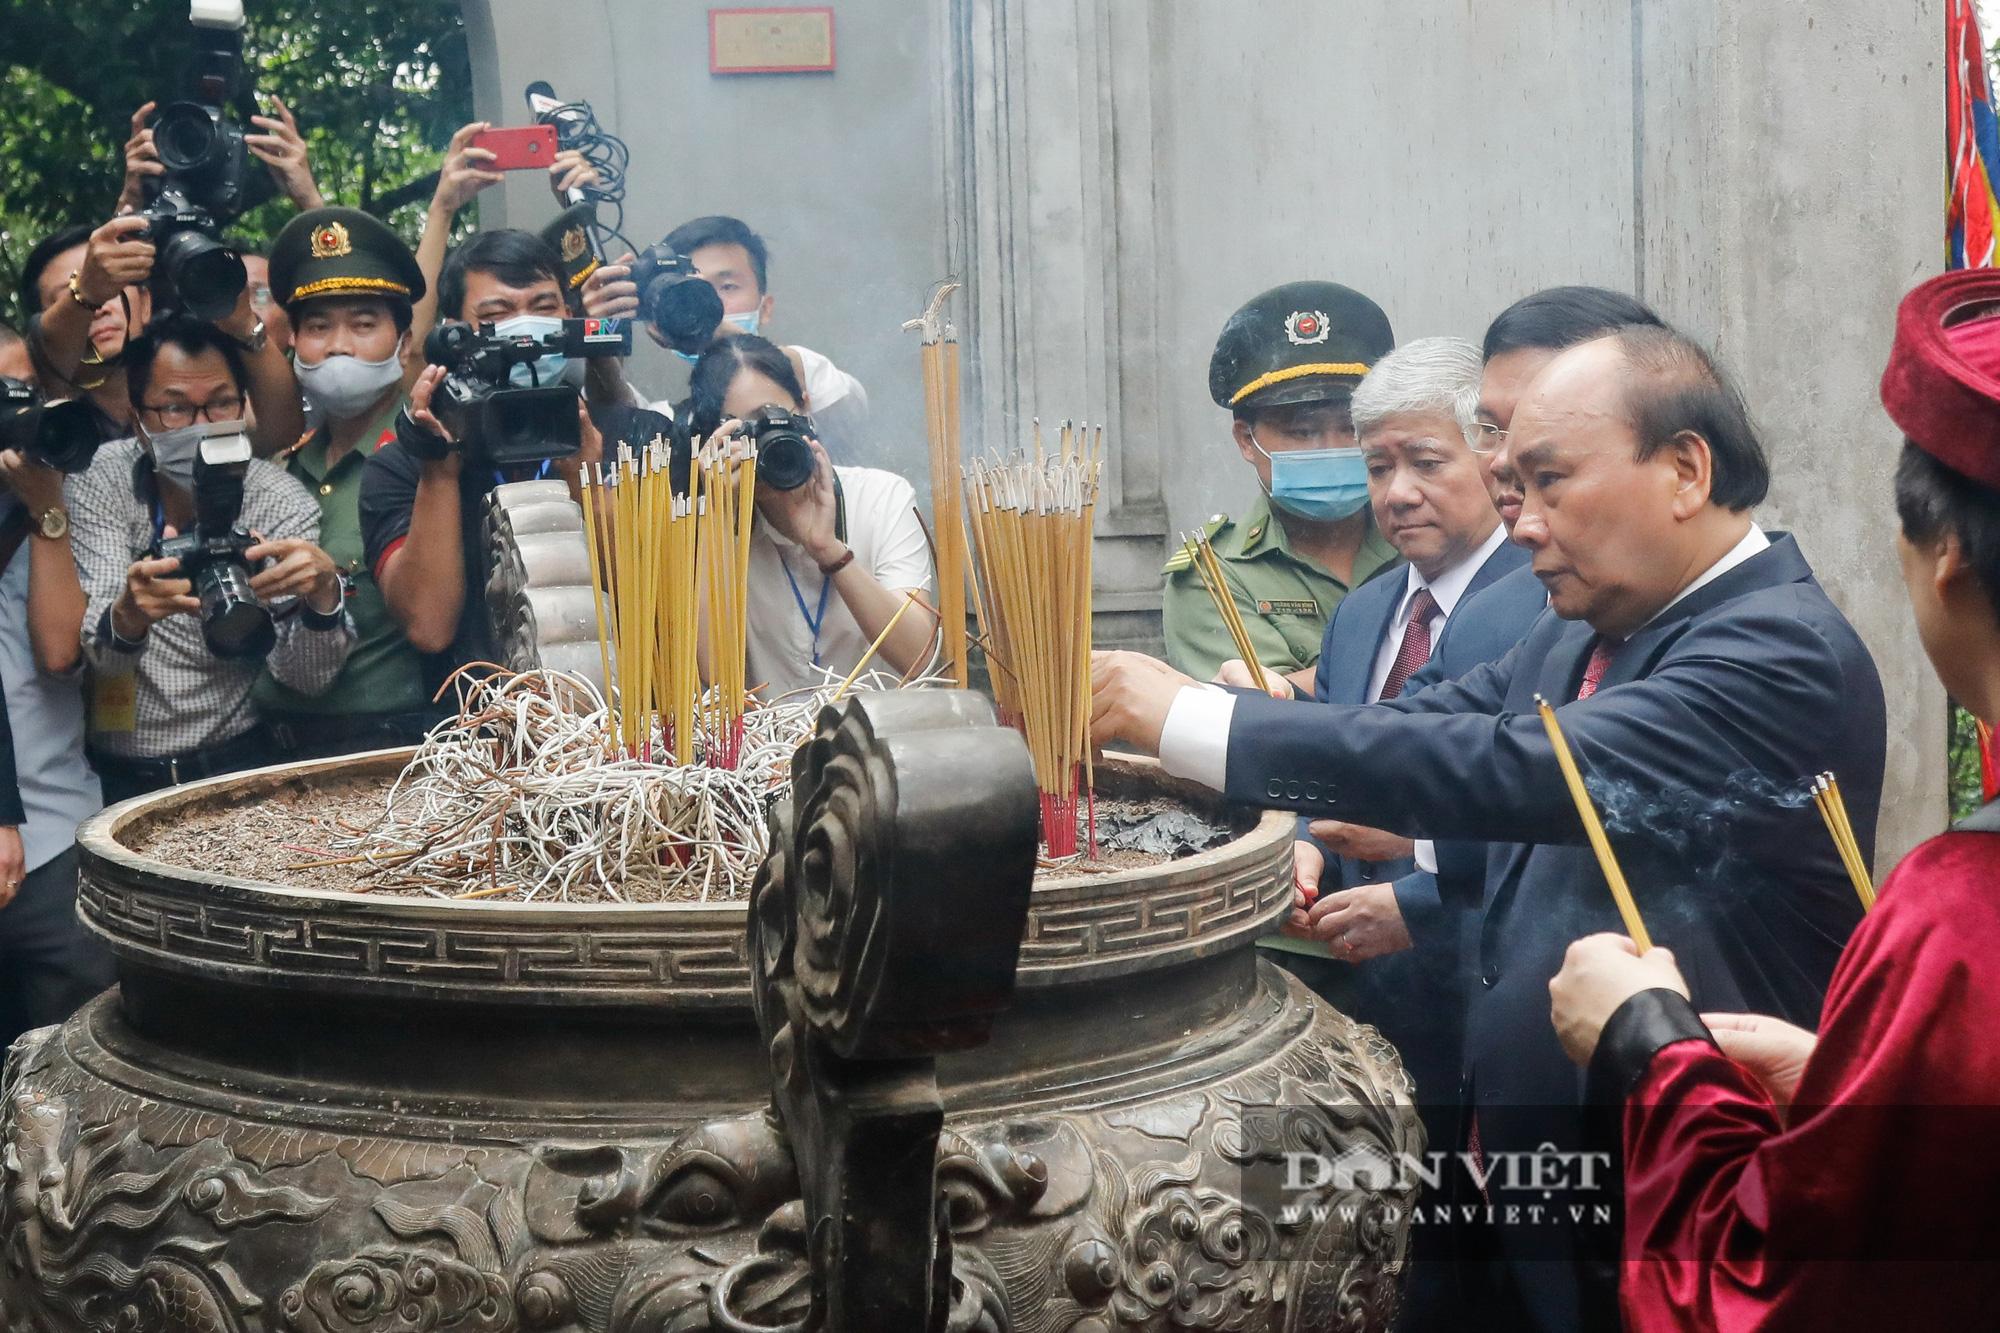 Chủ tịch nước Nguyễn Xuân Phúc dâng hương tưởng nhớ các vua Hùng - Ảnh 2.